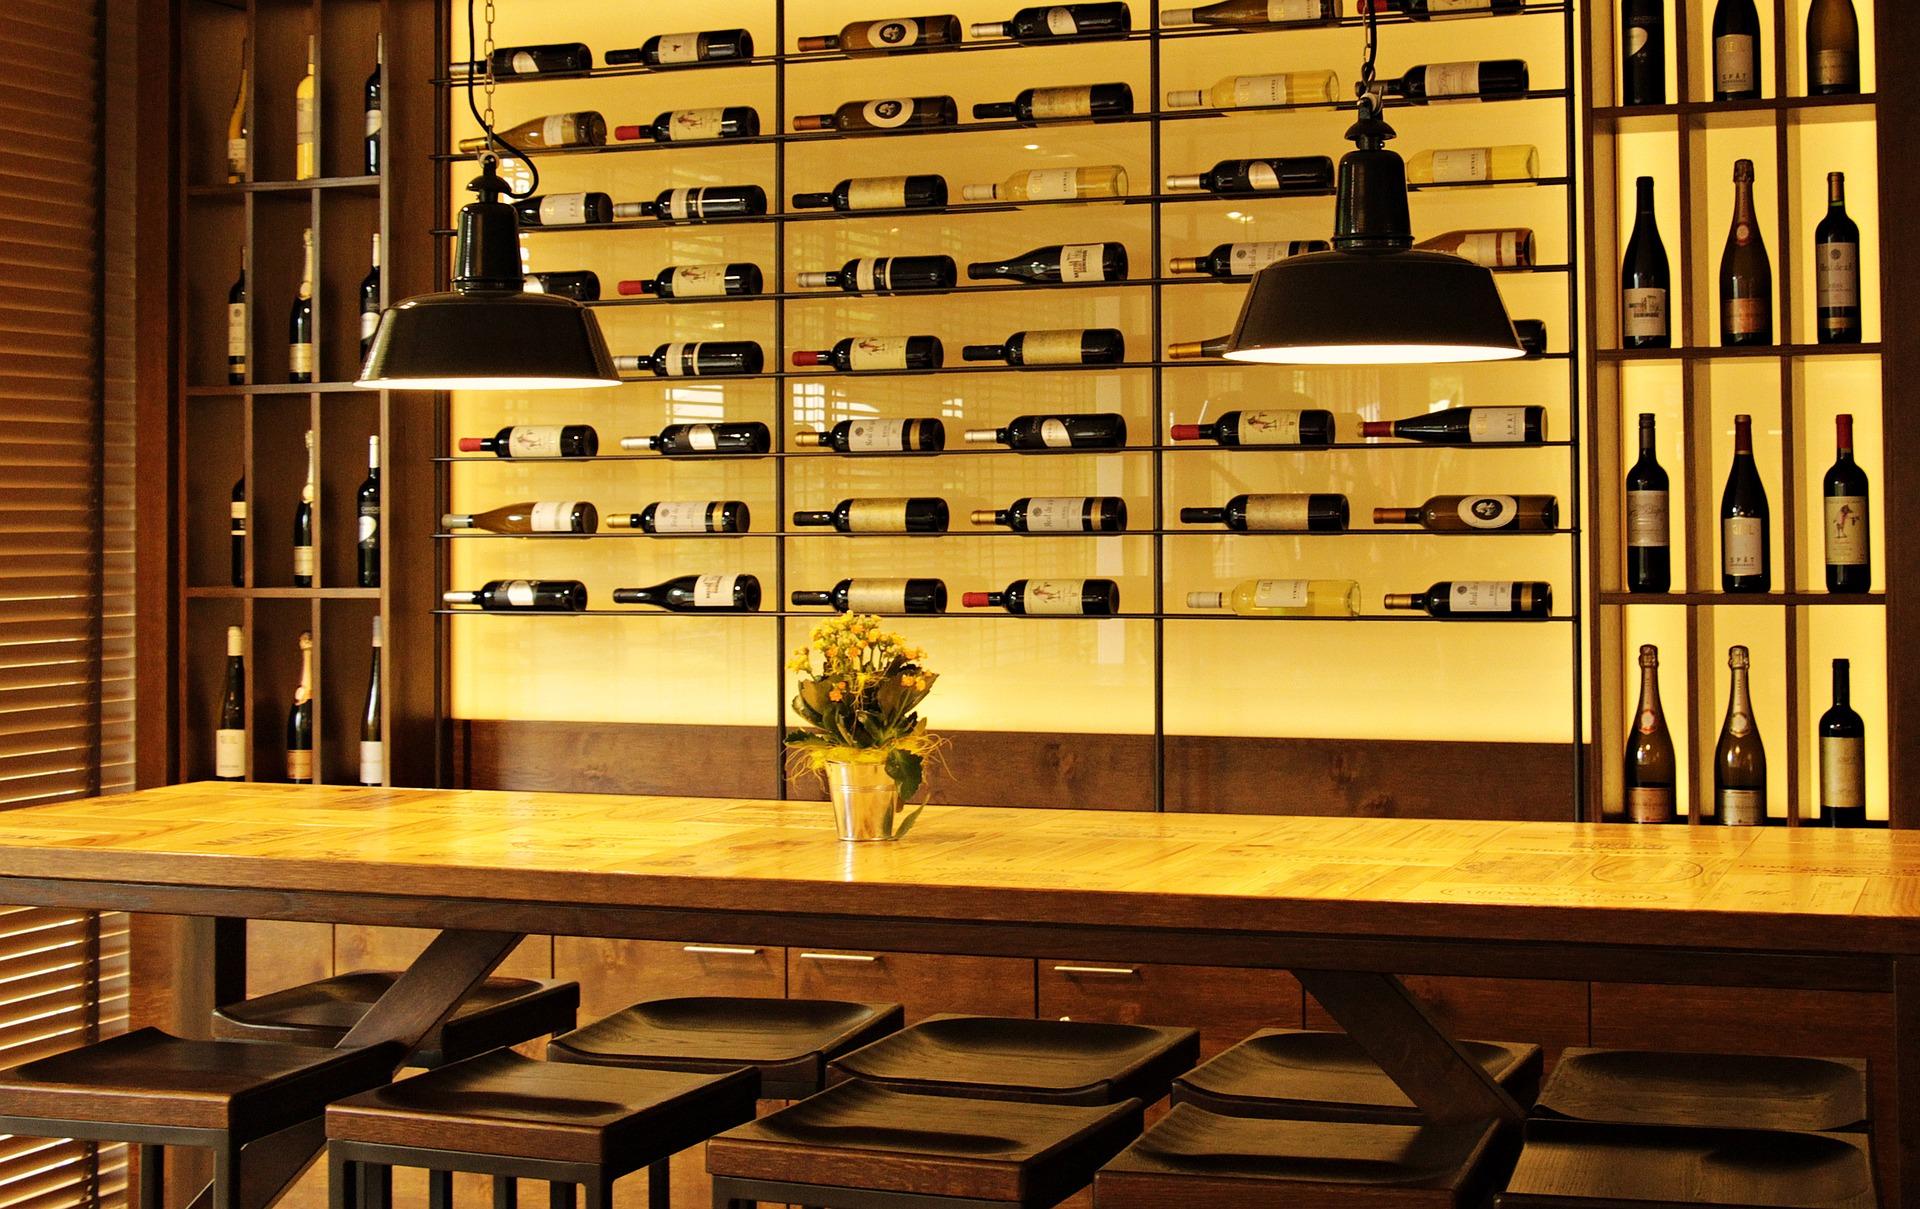 wine-bottles-3623697_1920.jpg